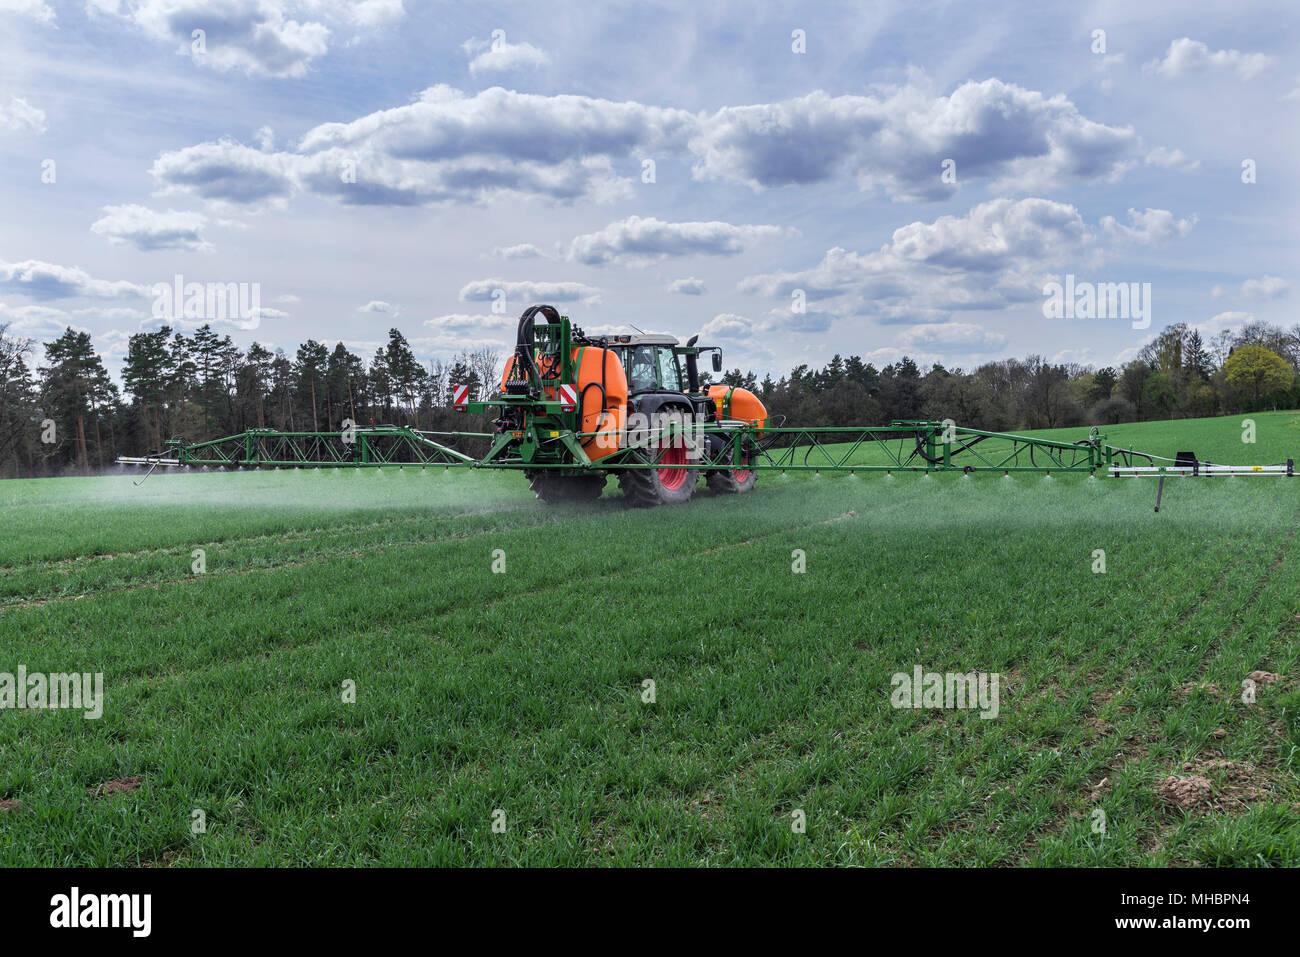 Pulverizador de alta tecnología moderna en uso en un campo de trigo, germinando Franken, Baviera, Alemania Imagen De Stock